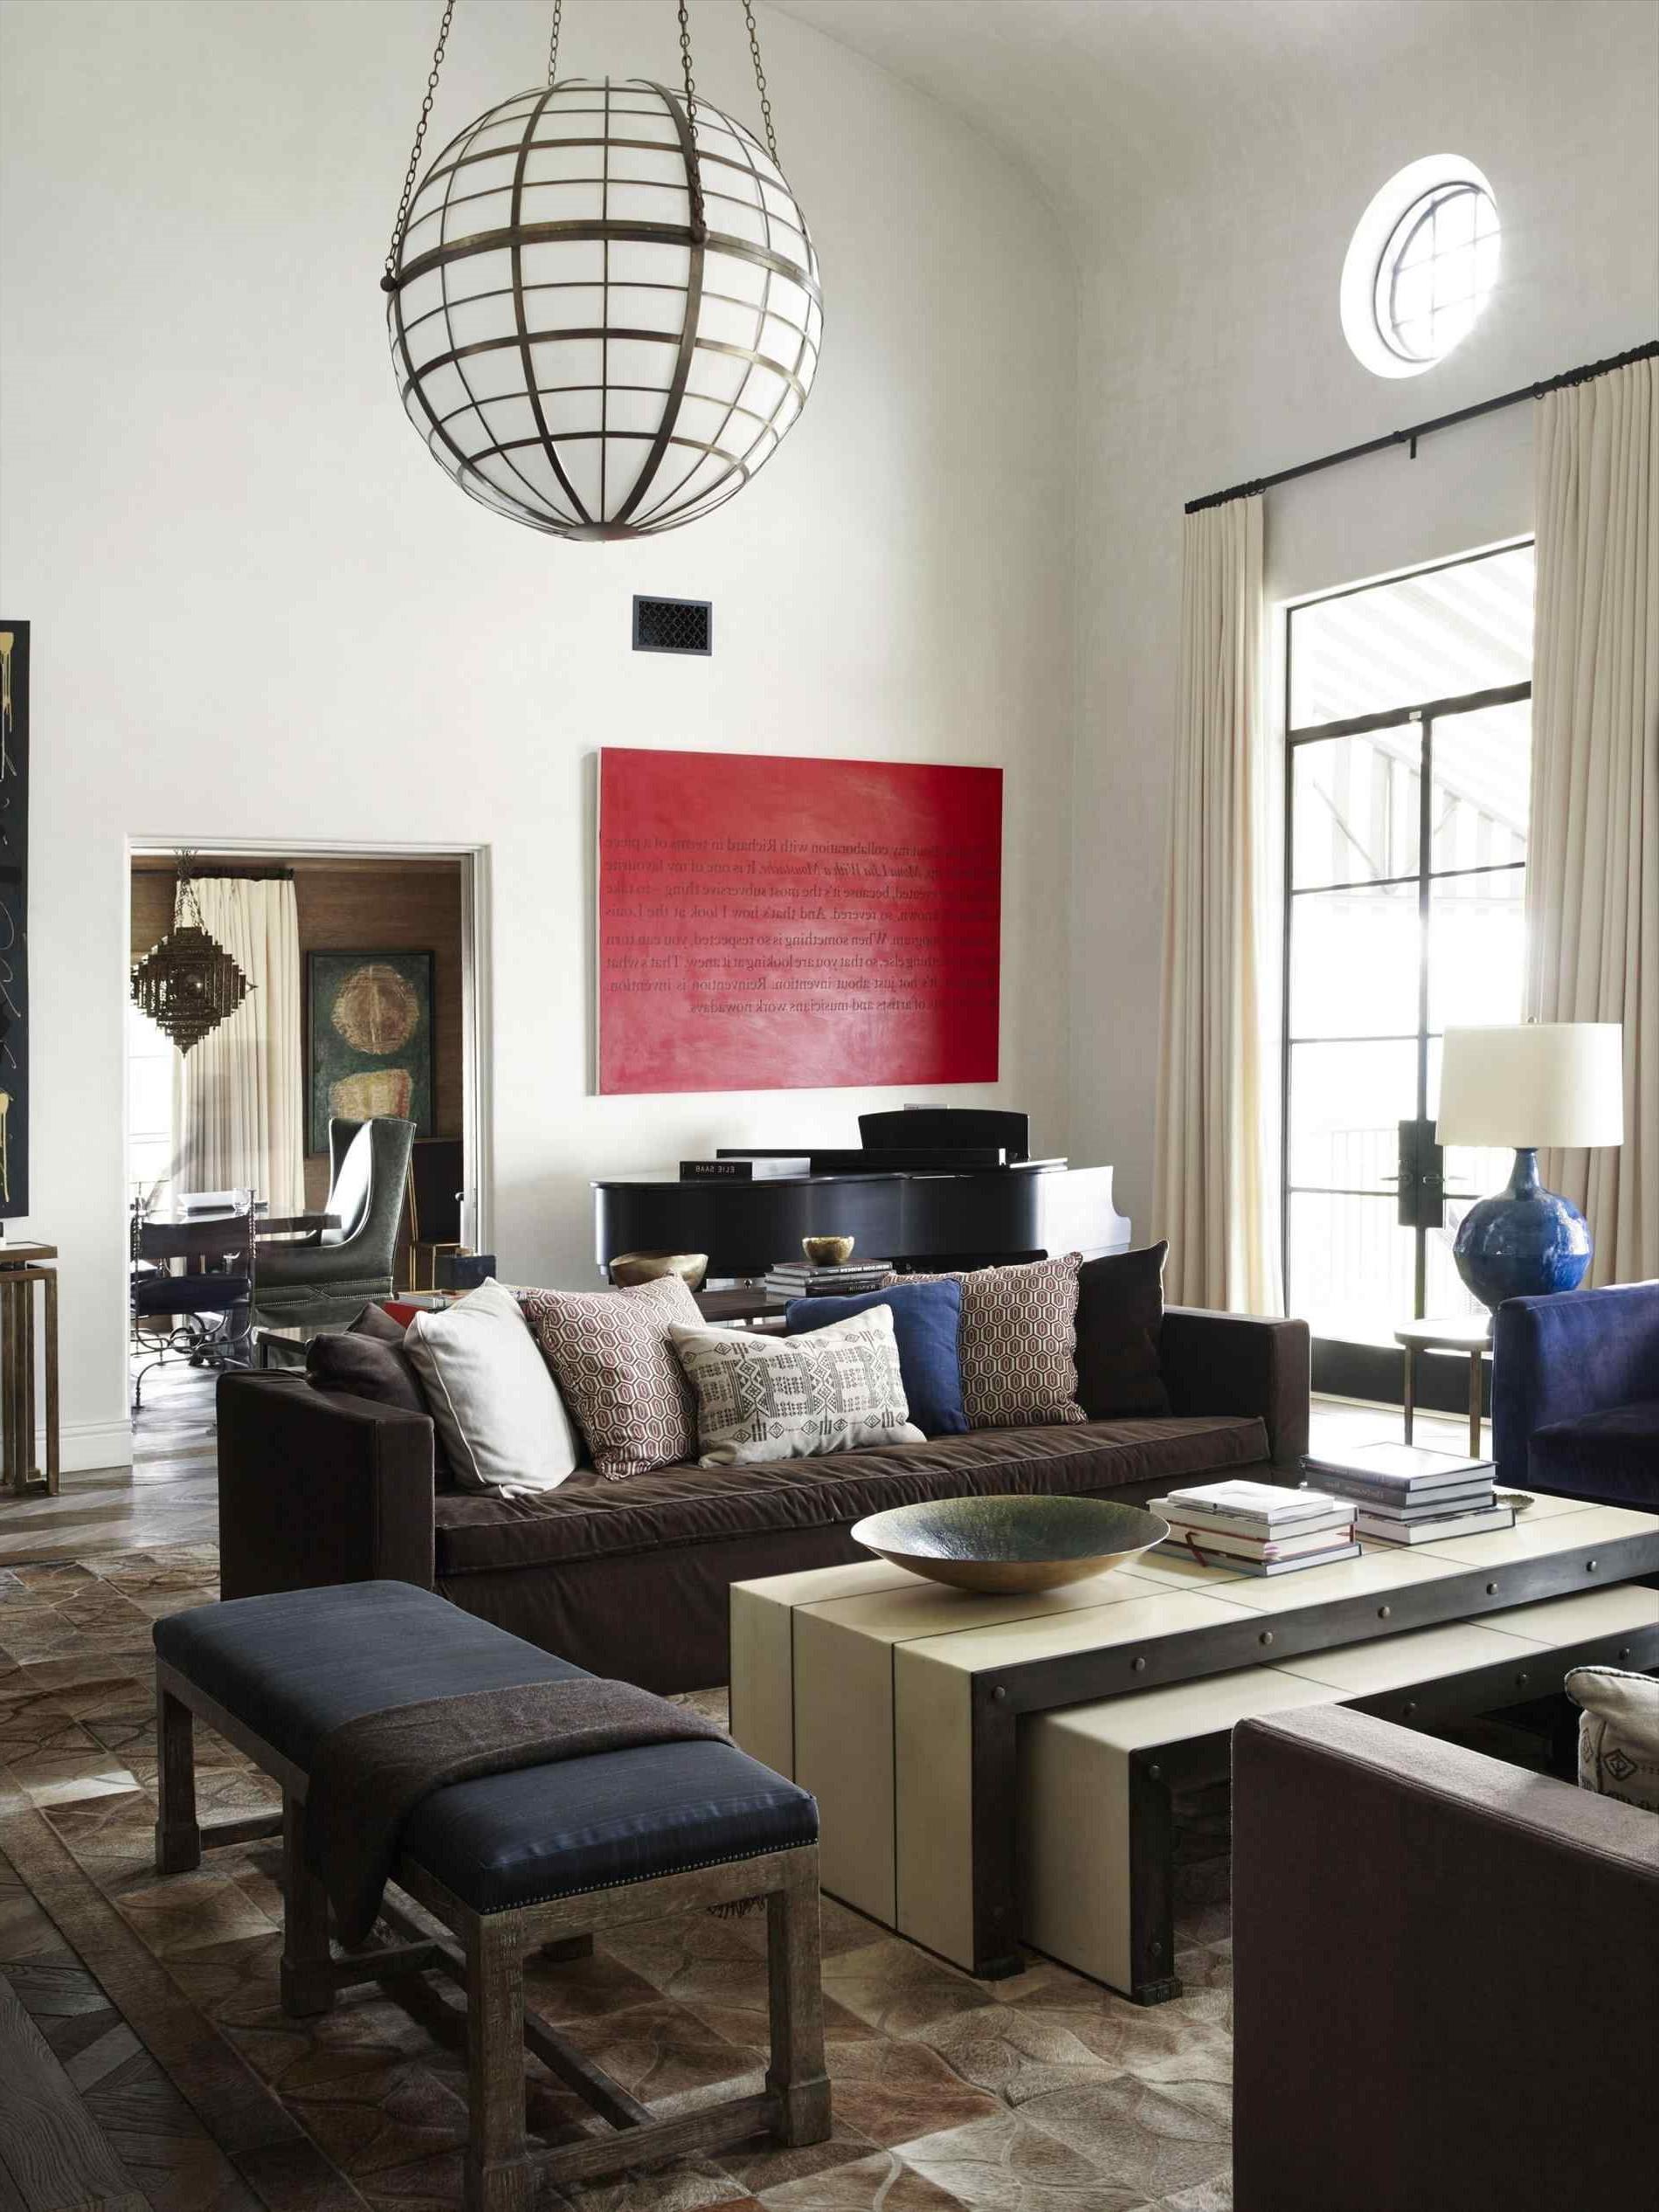 Votre style peut être chic mais vos meubles peuvent toujours être confortables.